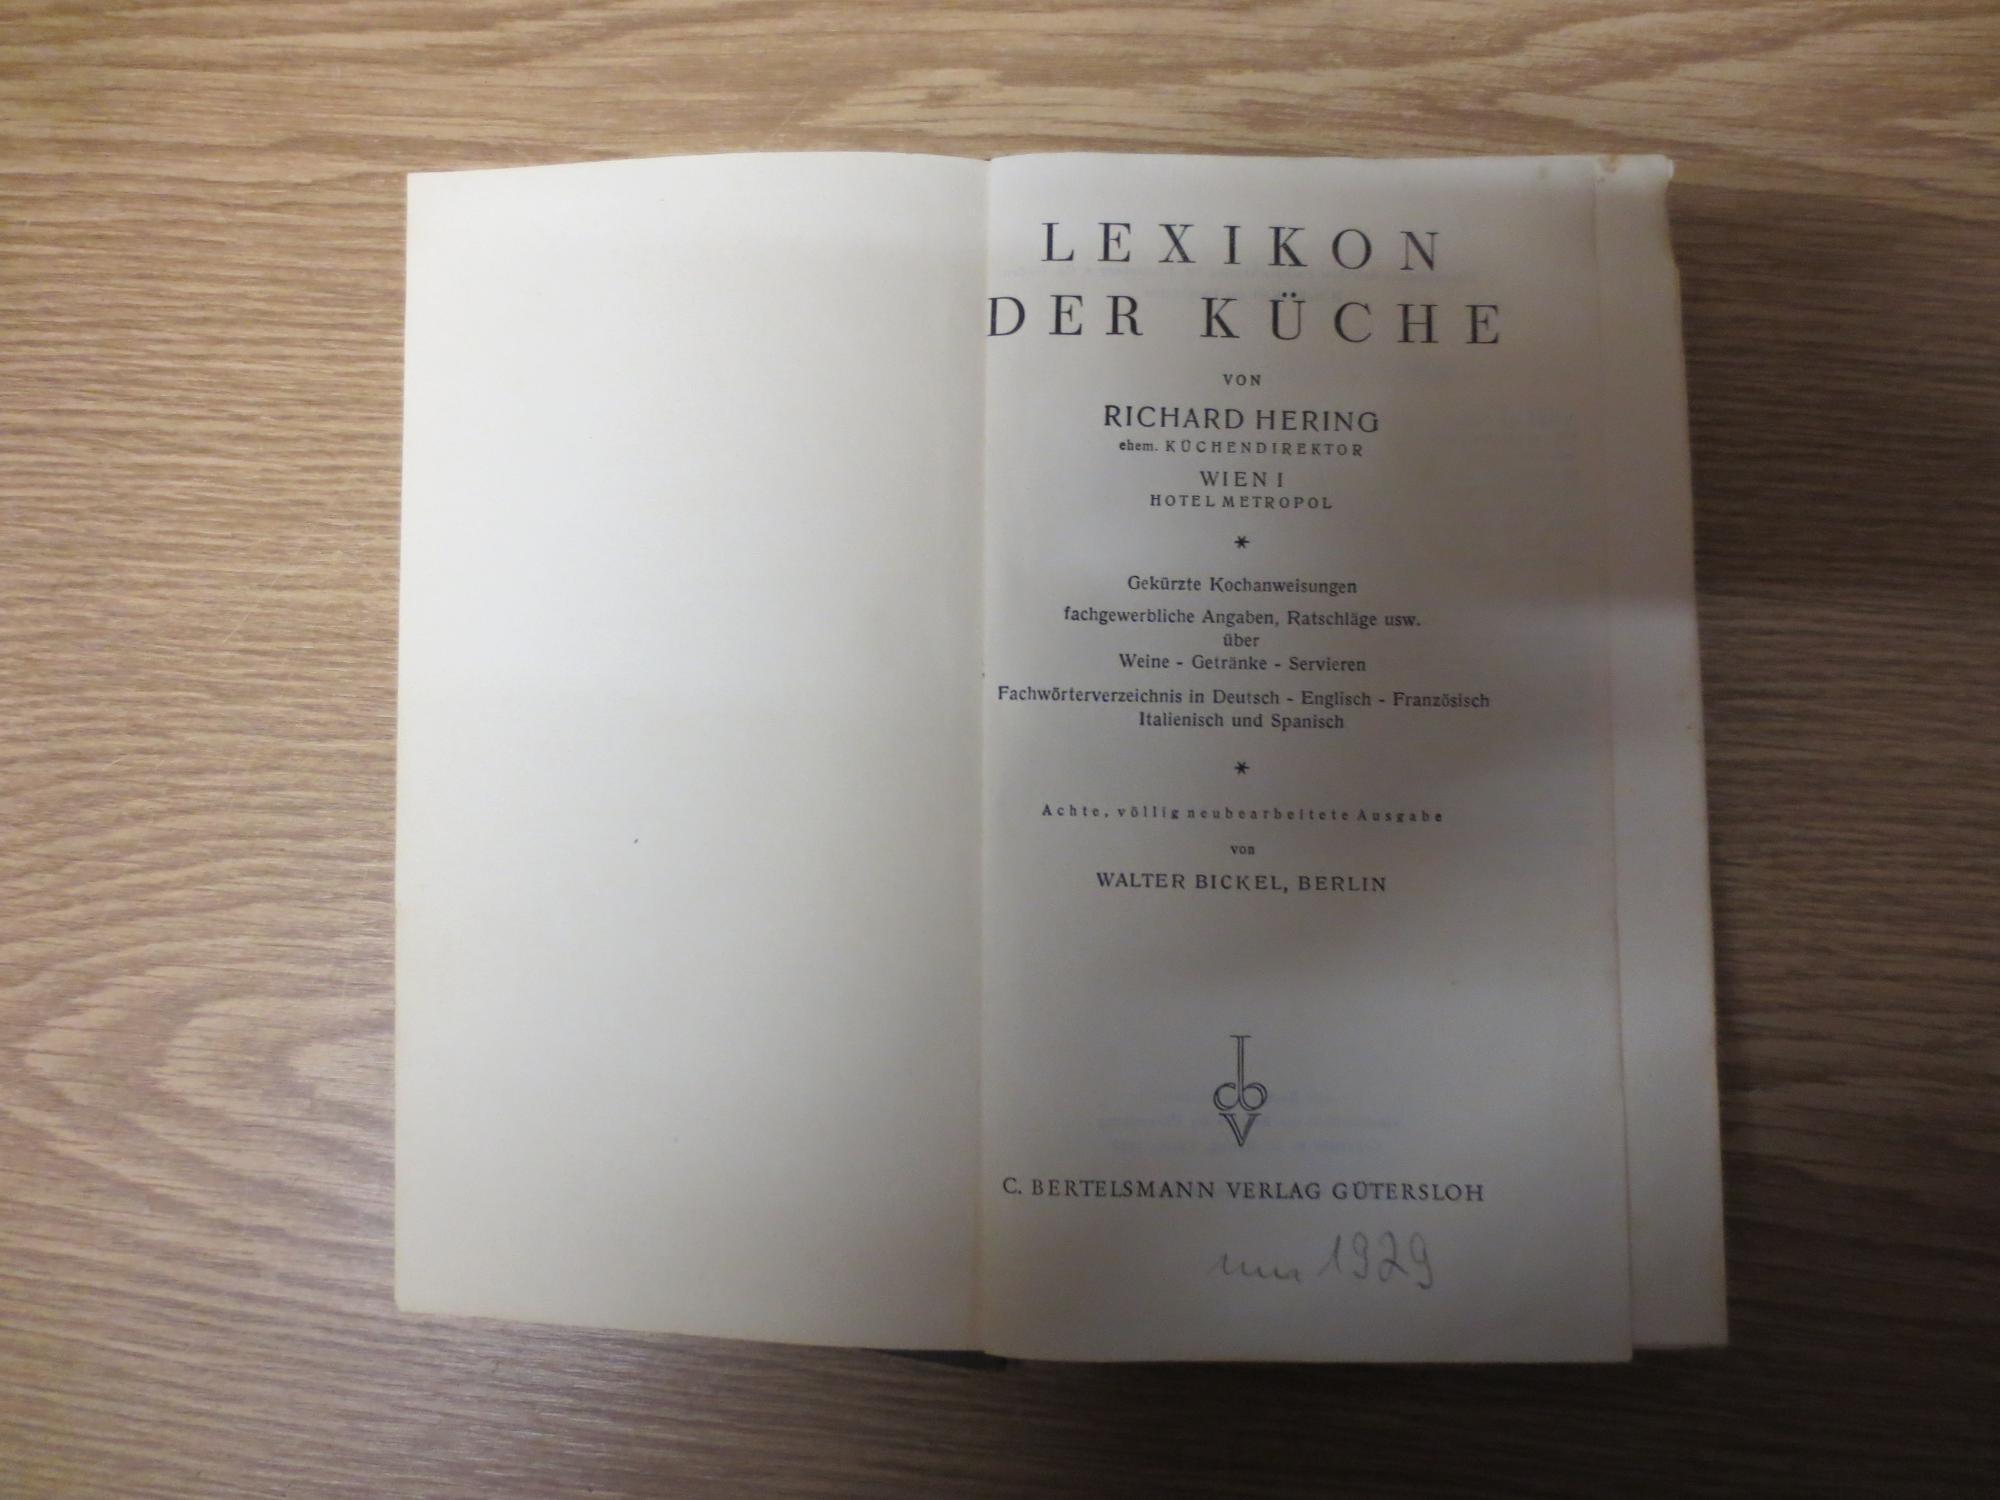 Lexikon Der Kuche Gekurzte Kochanweisungen Fachgewerbliche Angaben